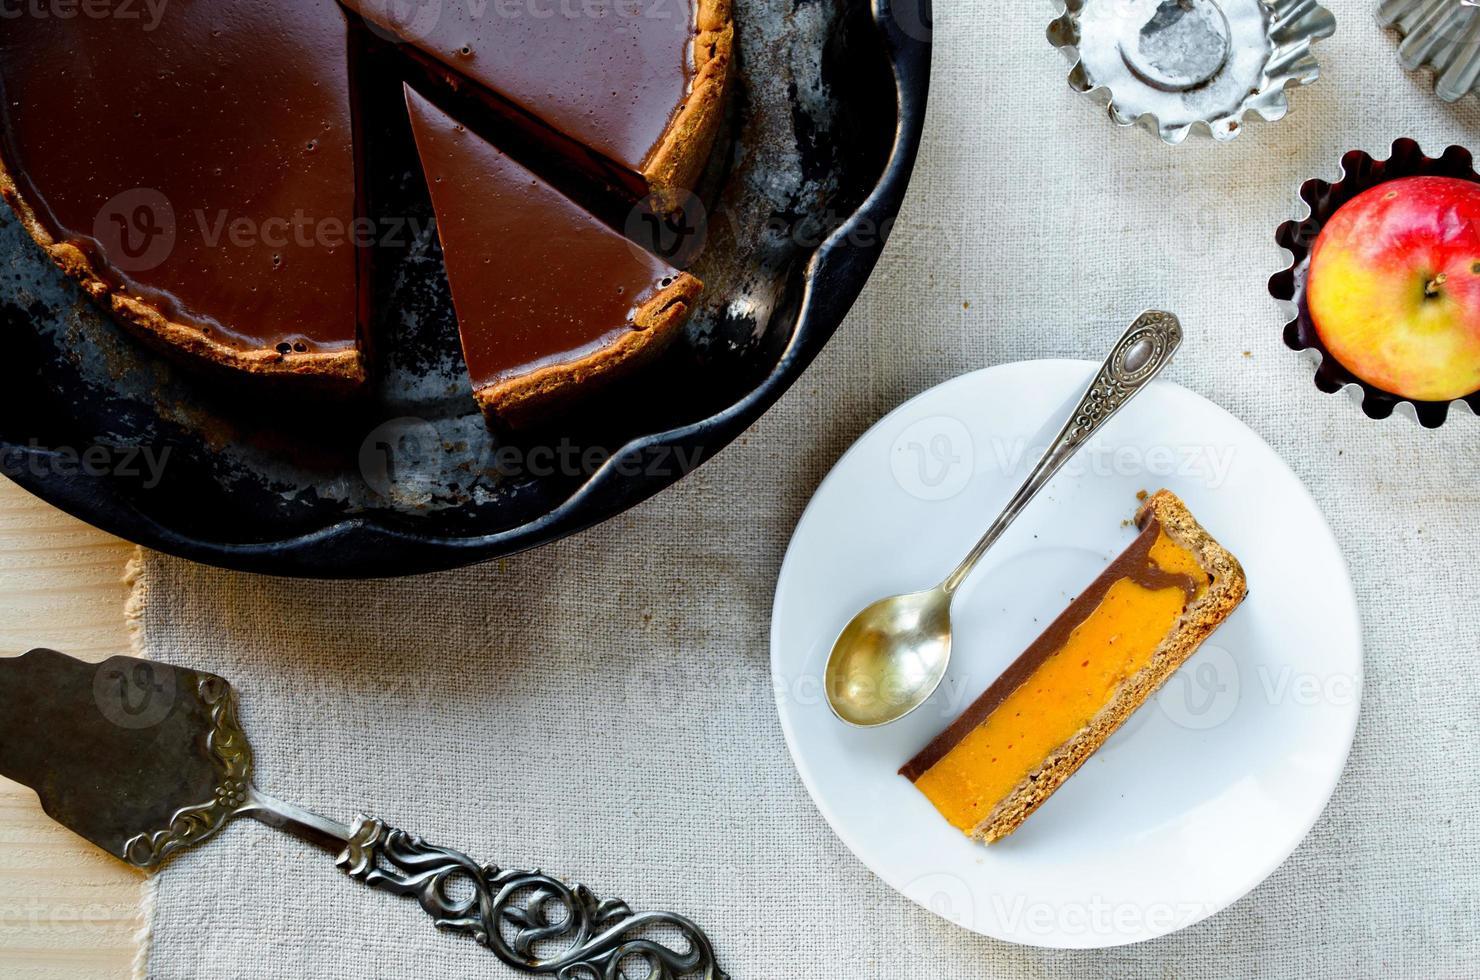 hemlagad pumpa paj med choklad toppning foto